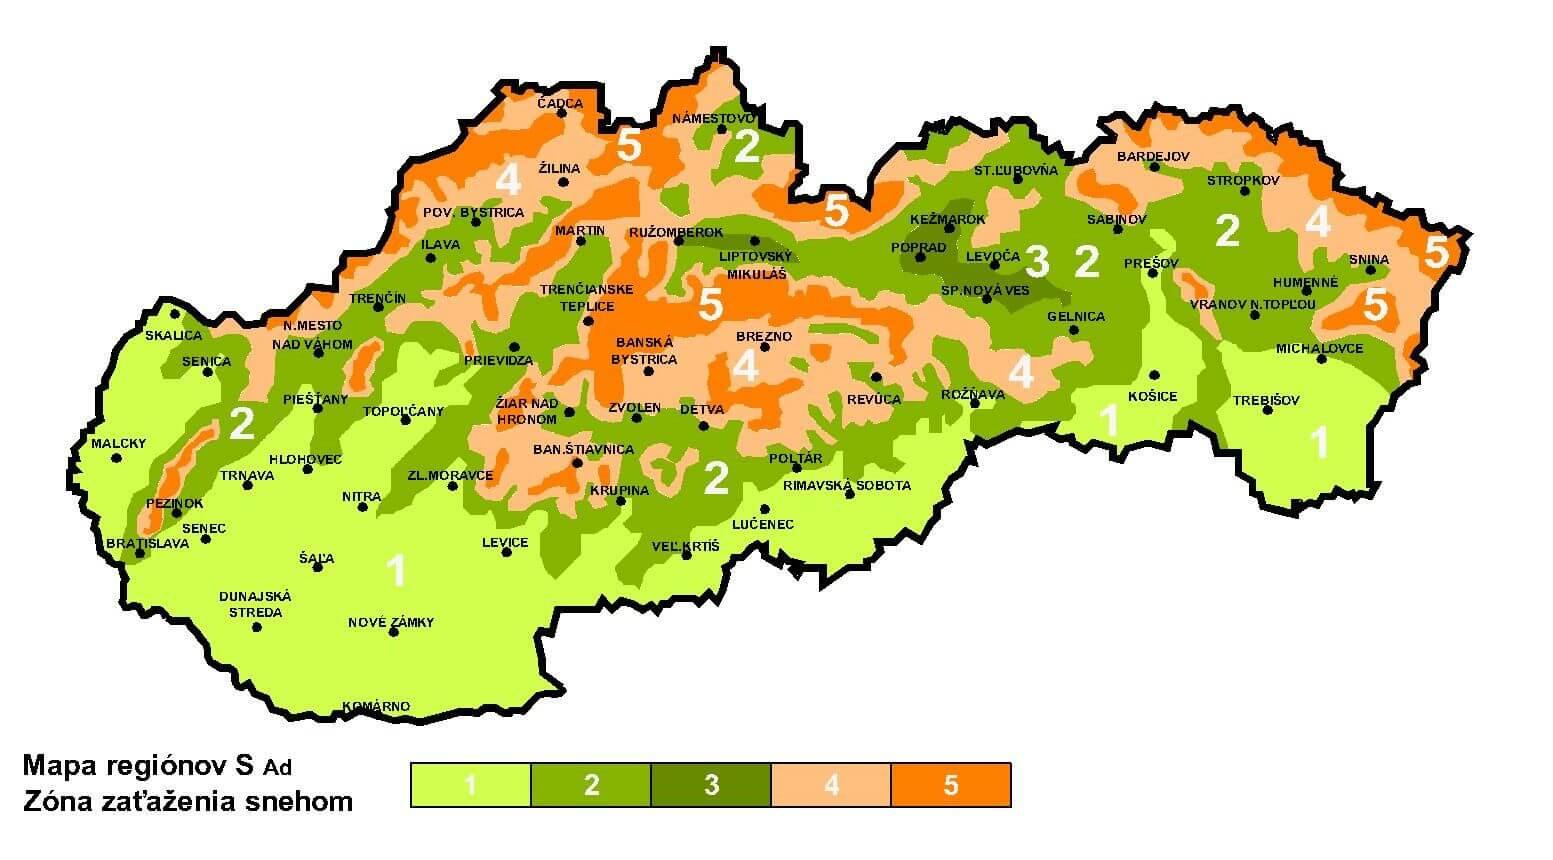 Snehova-mapa-Slovenska-regiony-zona-zatazenia-snehom